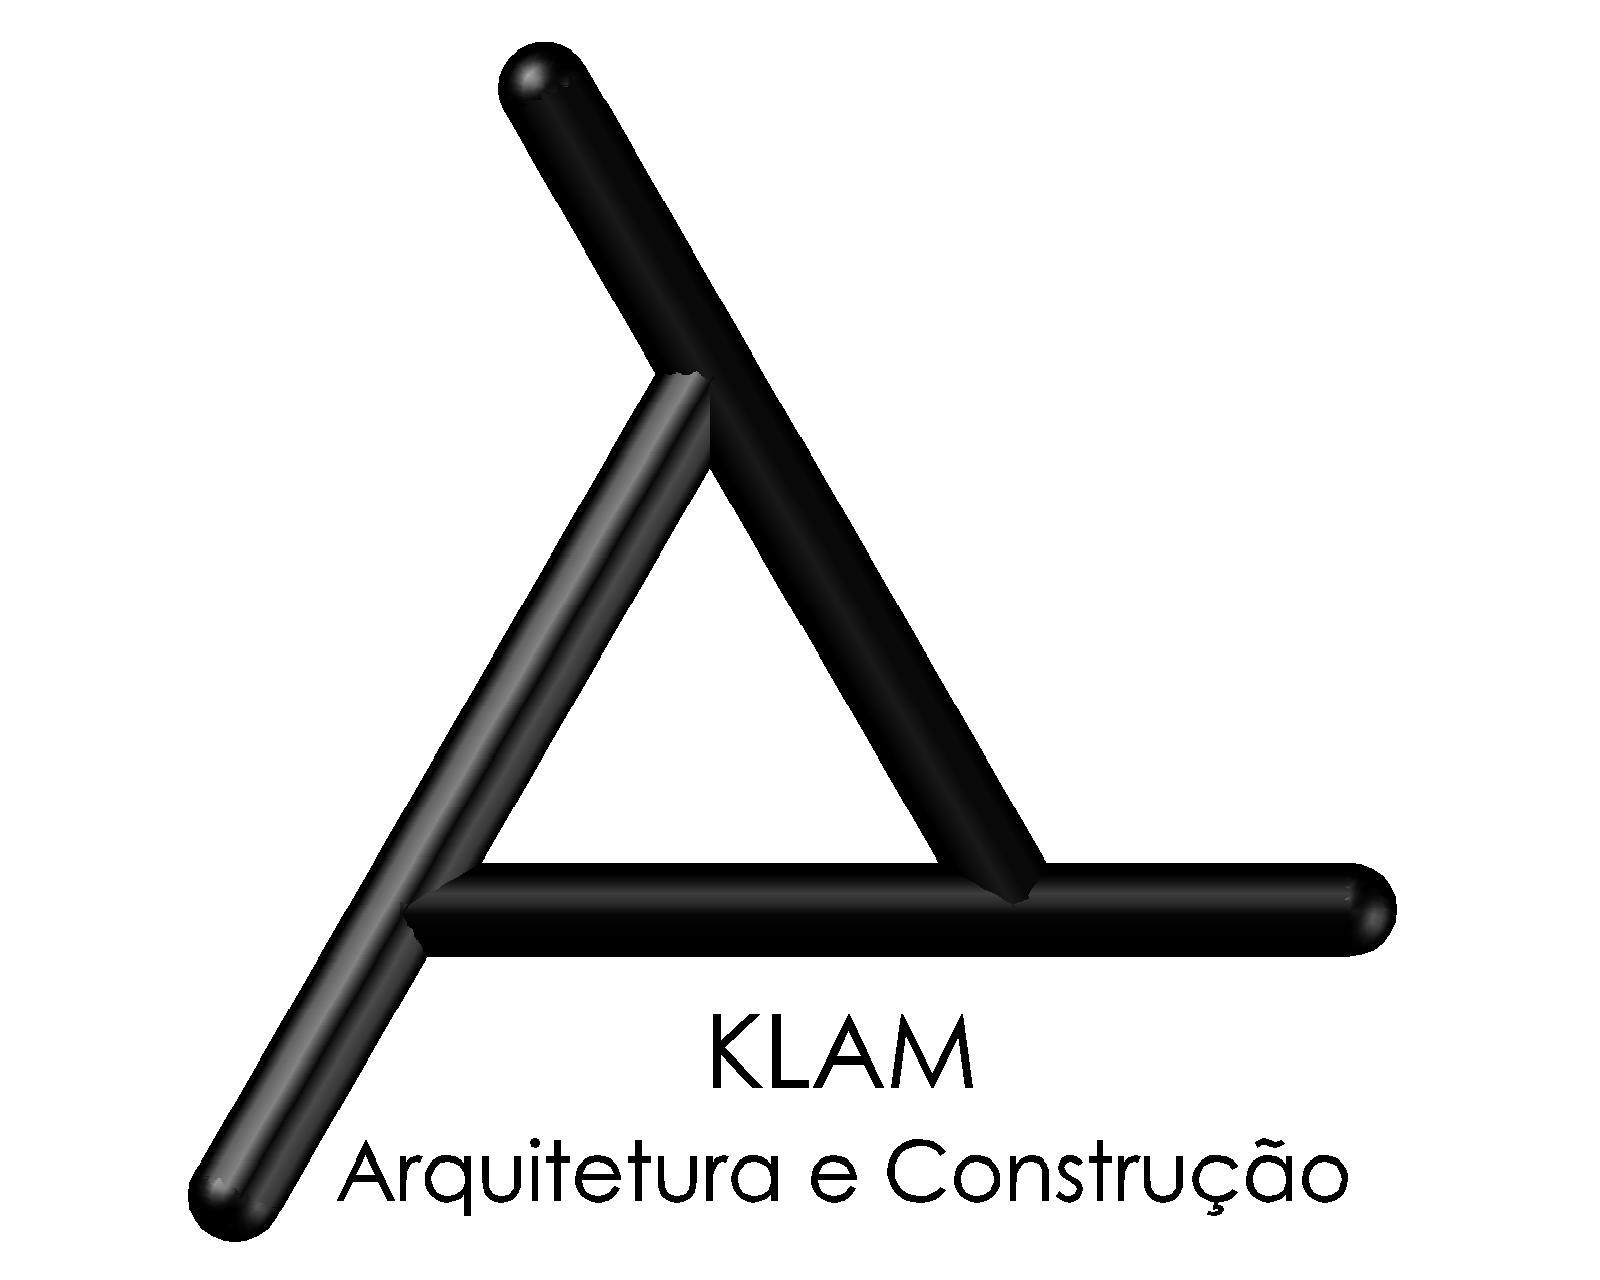 Klam Arquitetura